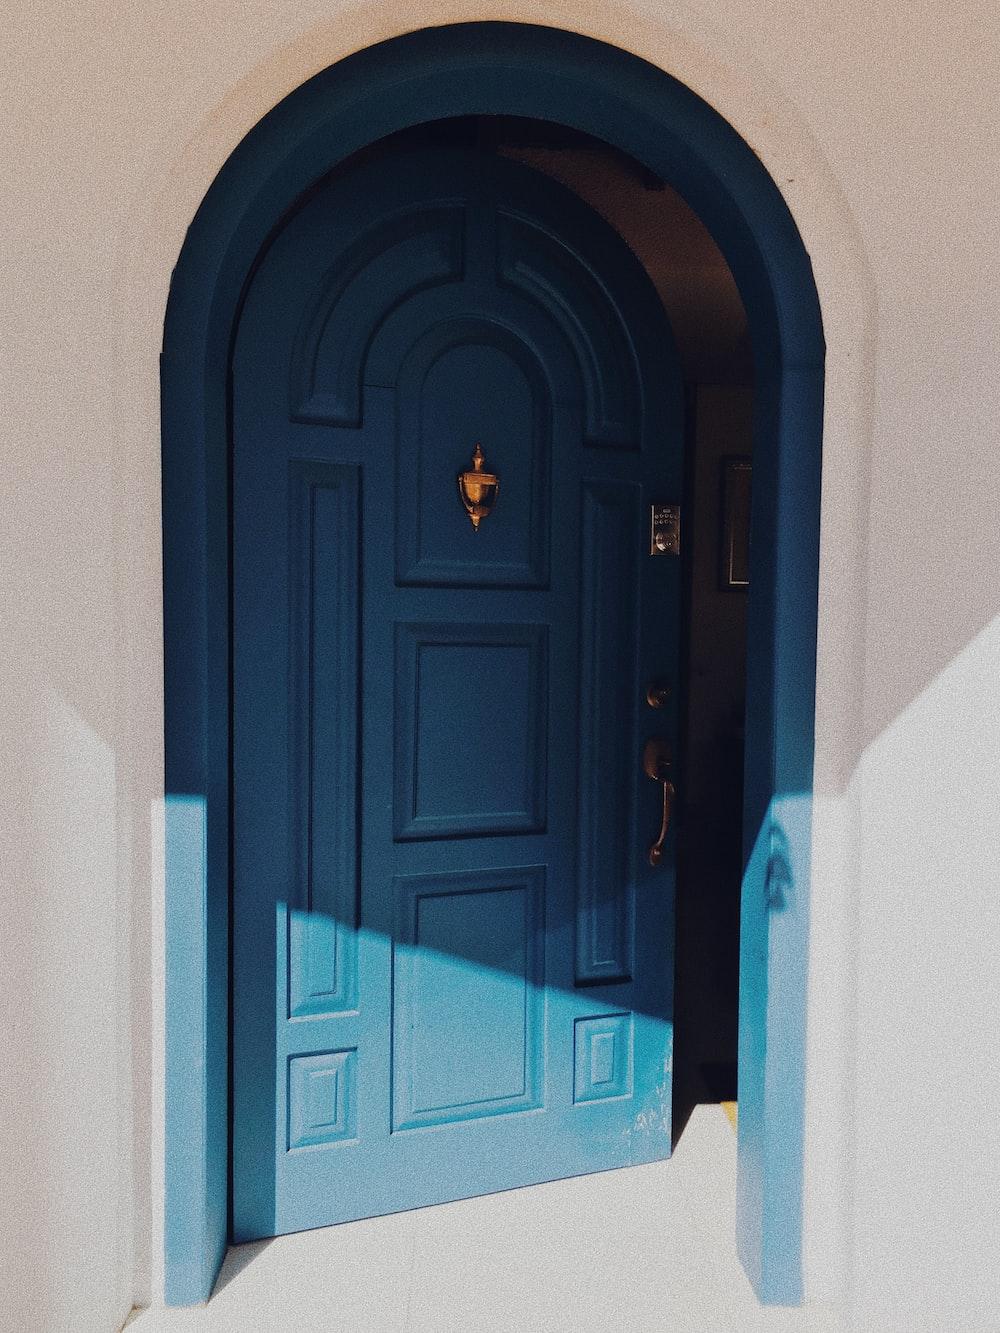 blue wooden door opened